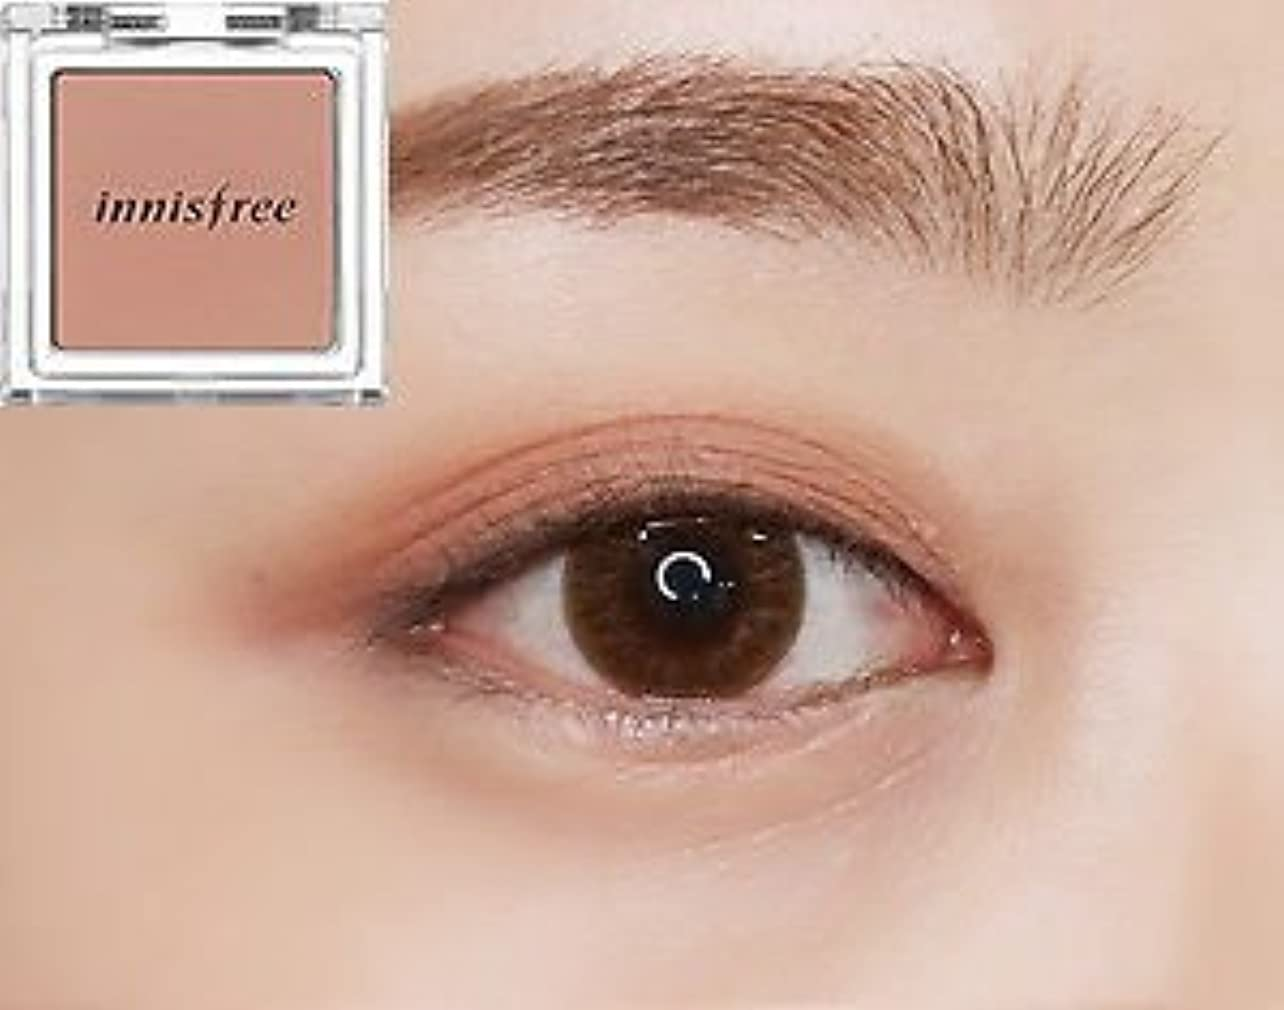 に対処する雨湿った[イニスフリー] innisfree [マイ パレット マイ アイシャドウ (マット) 40カラー] MY PALETTE My Eyeshadow (Matte) 40 Shades [海外直送品] (マット #11)